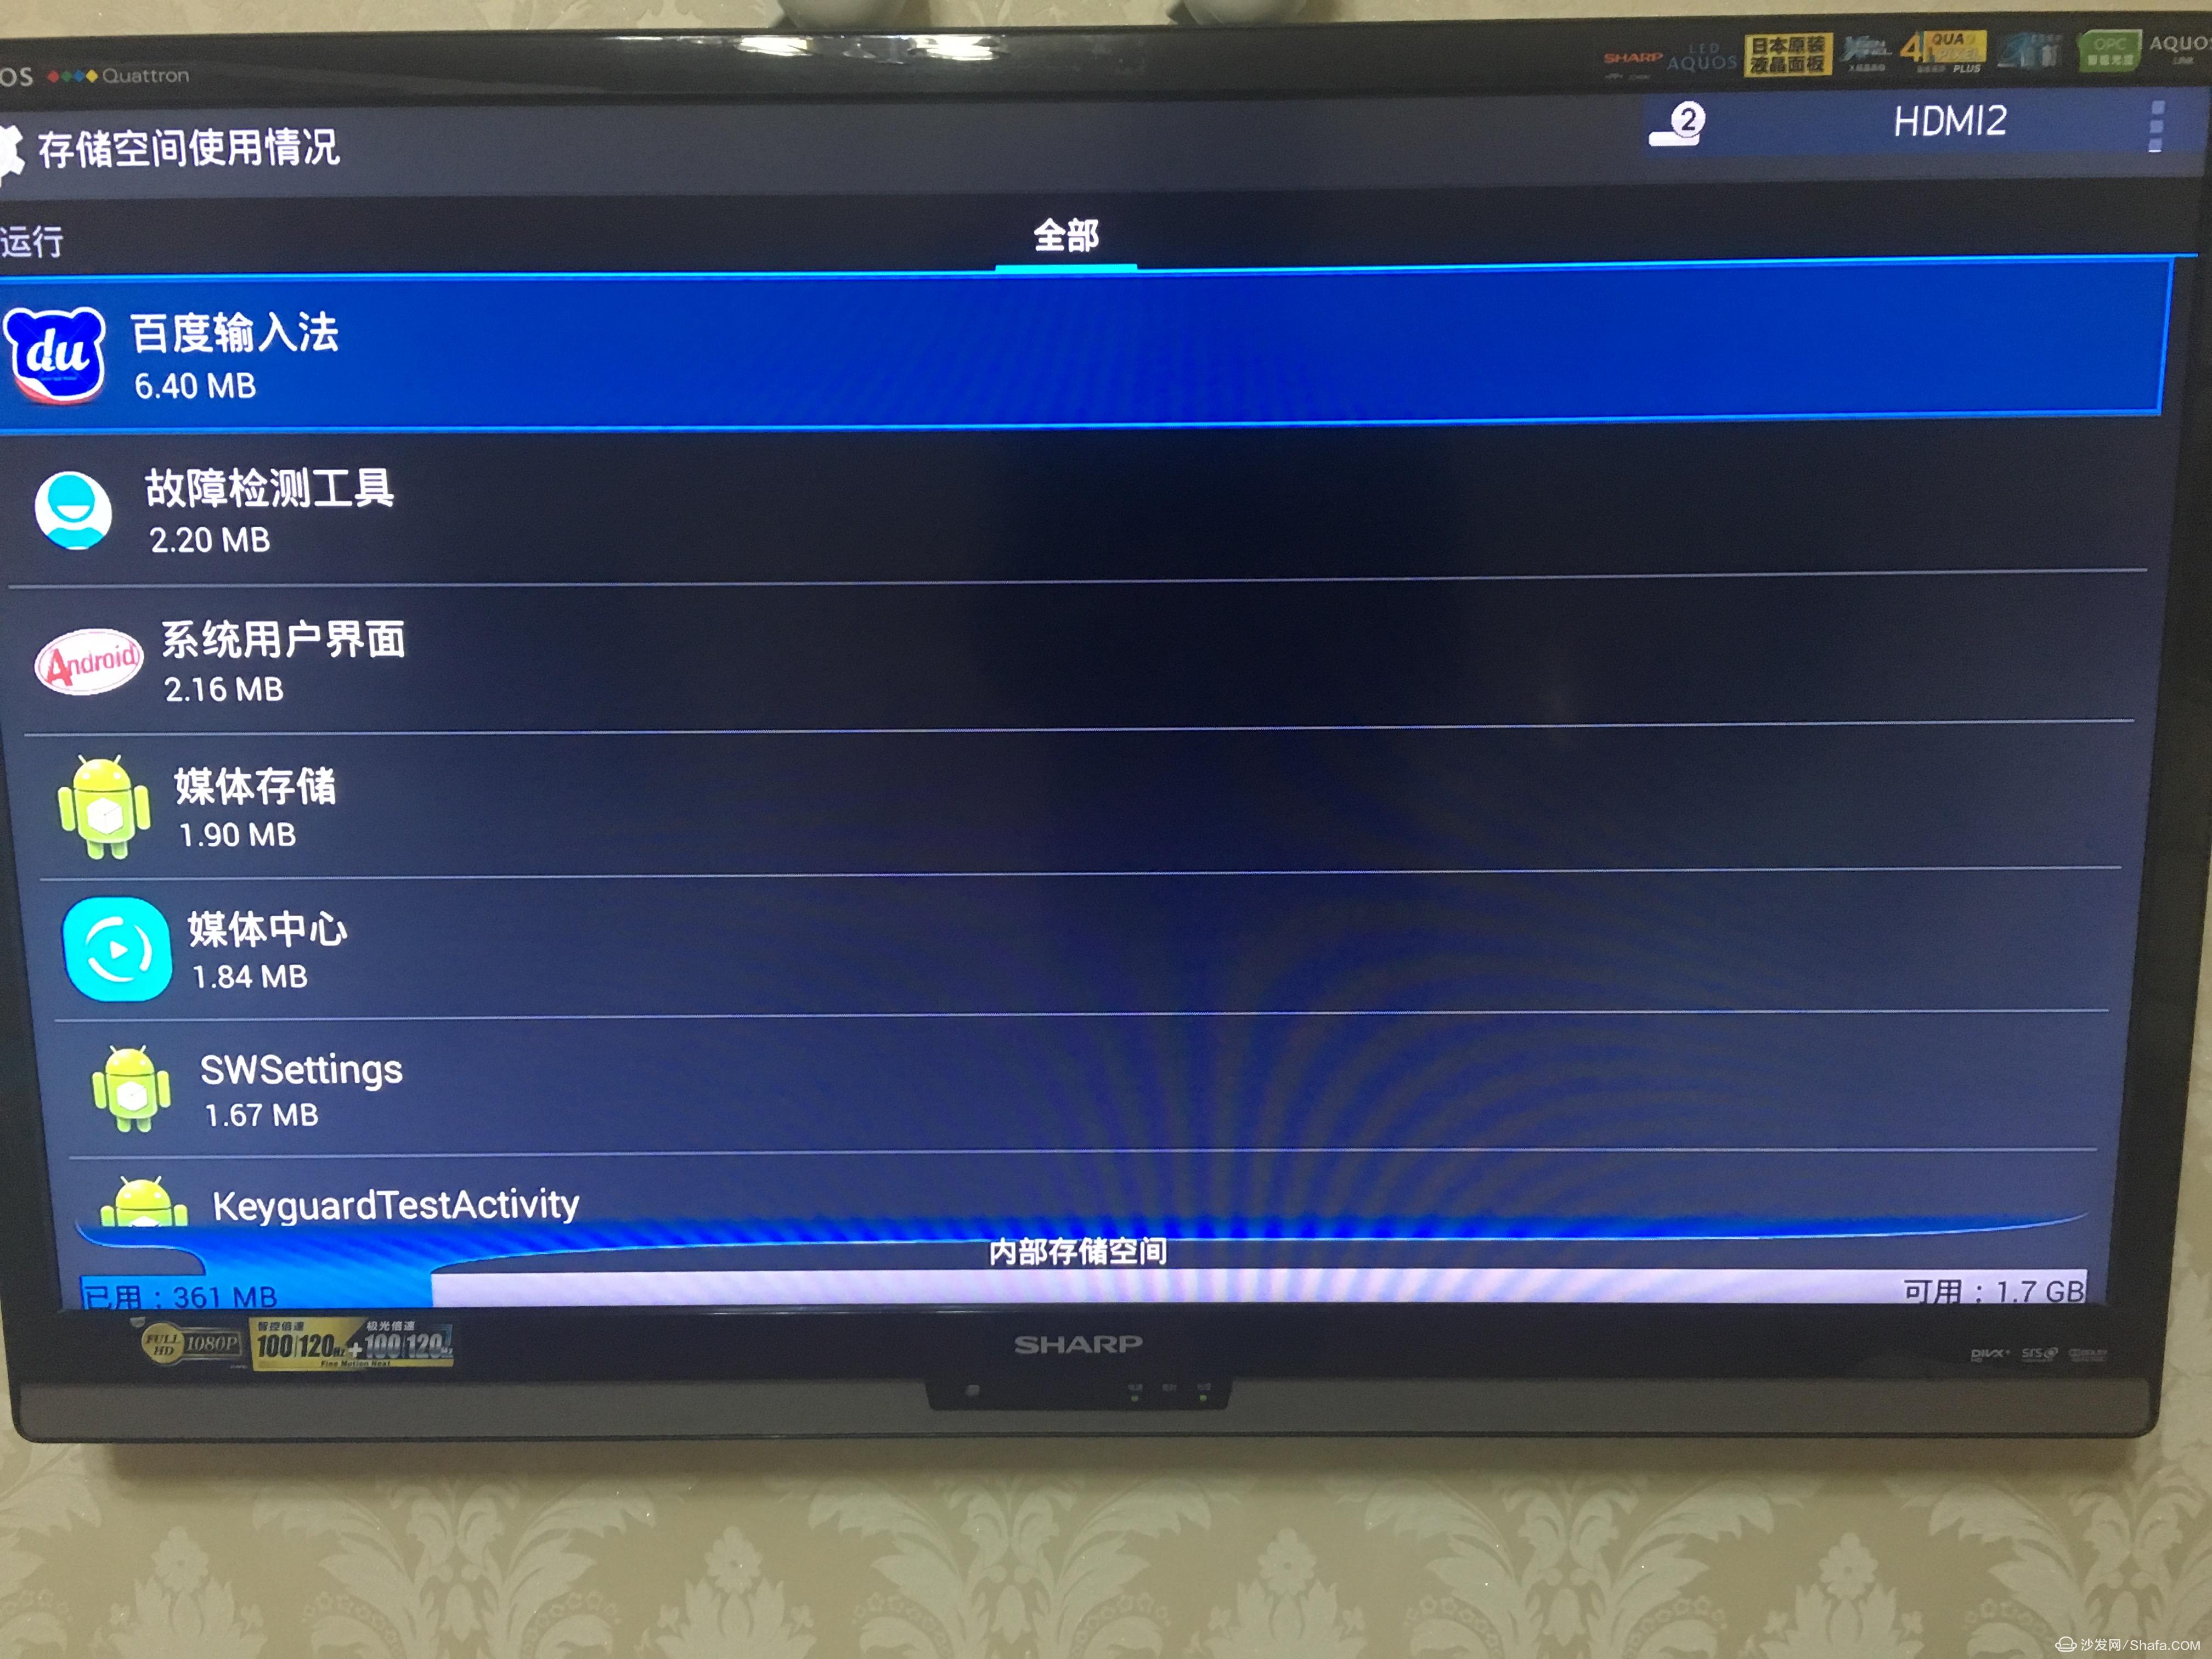 内存可用1.7G